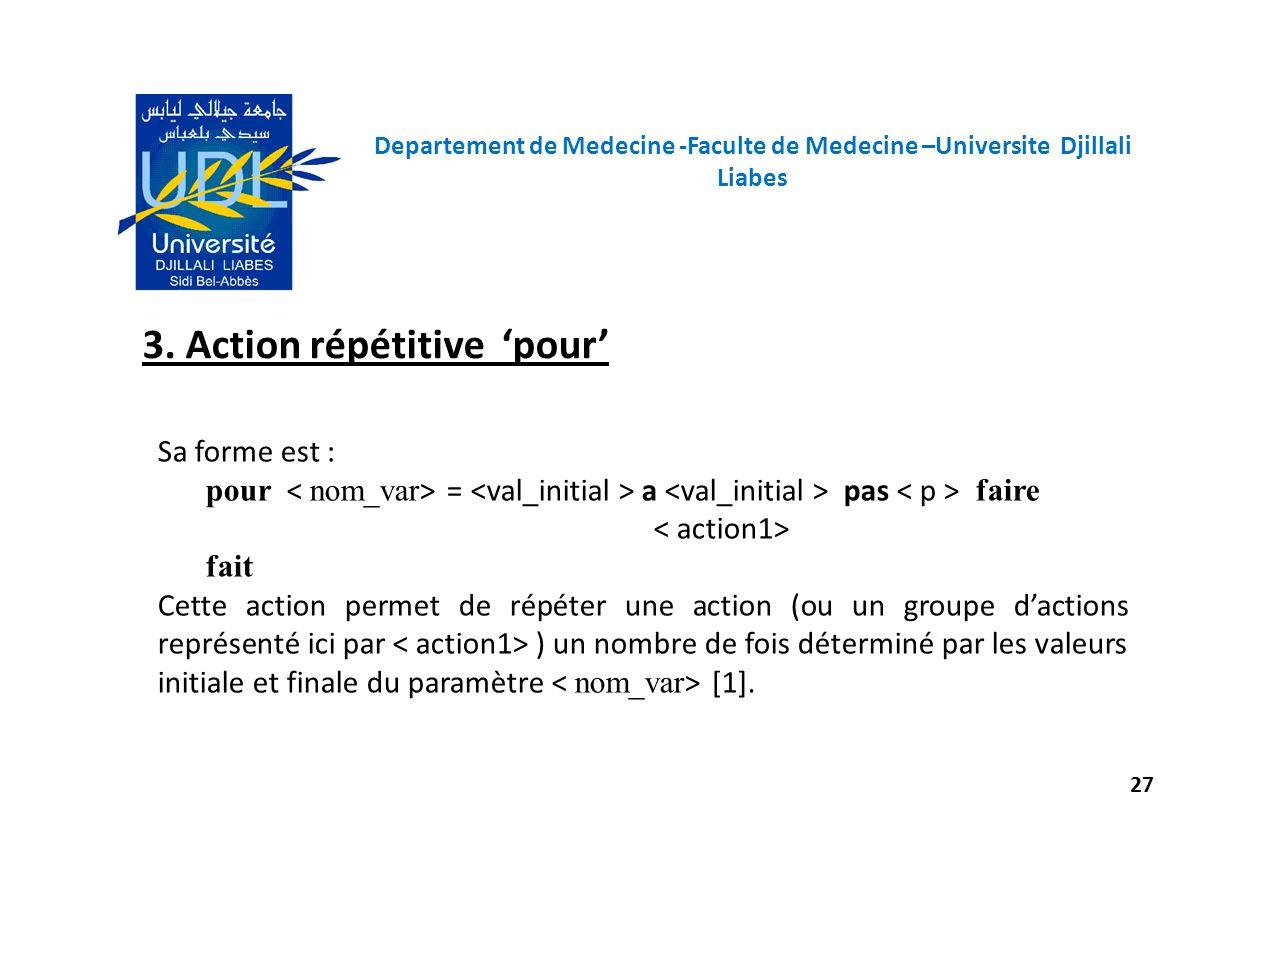 3. Action répétitive 'pour'